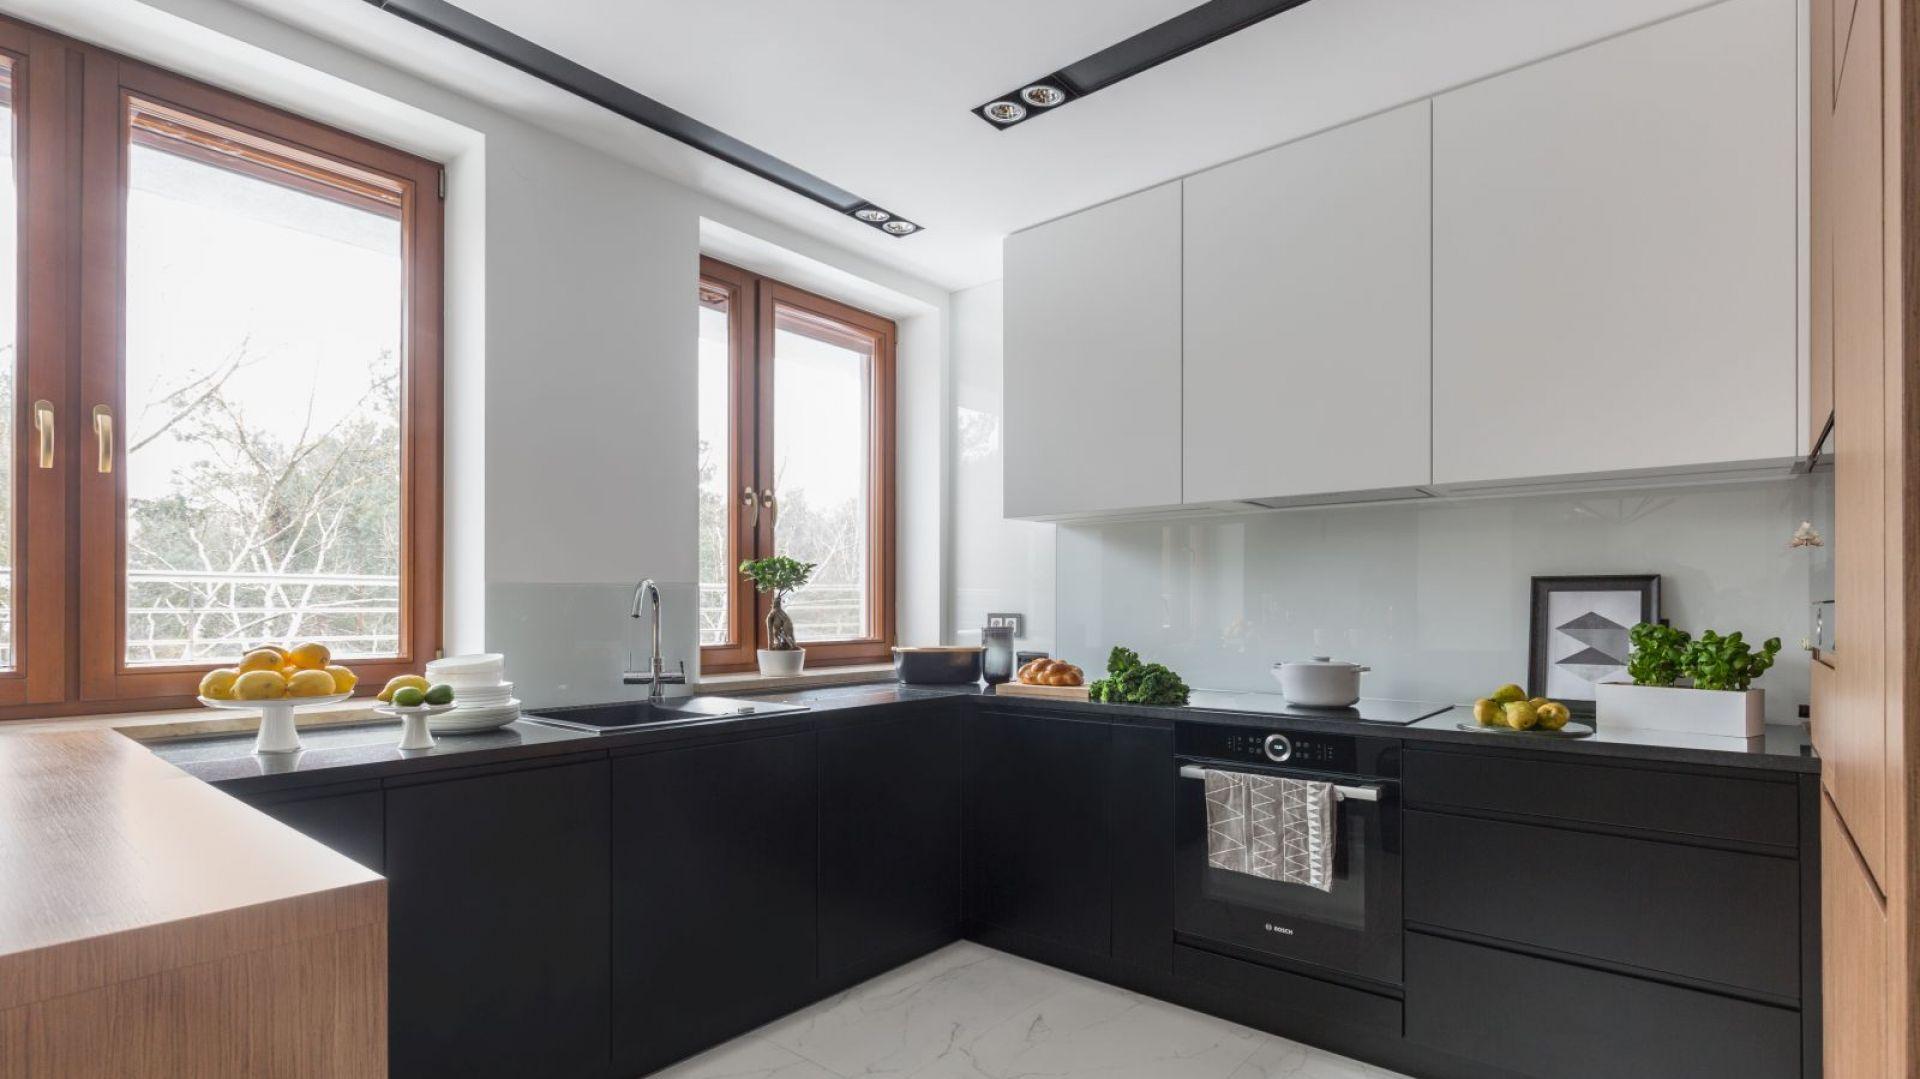 Kuchnie w stylu naturalnym. 10 pomysłów na urządzenie. Projekt Decoroom